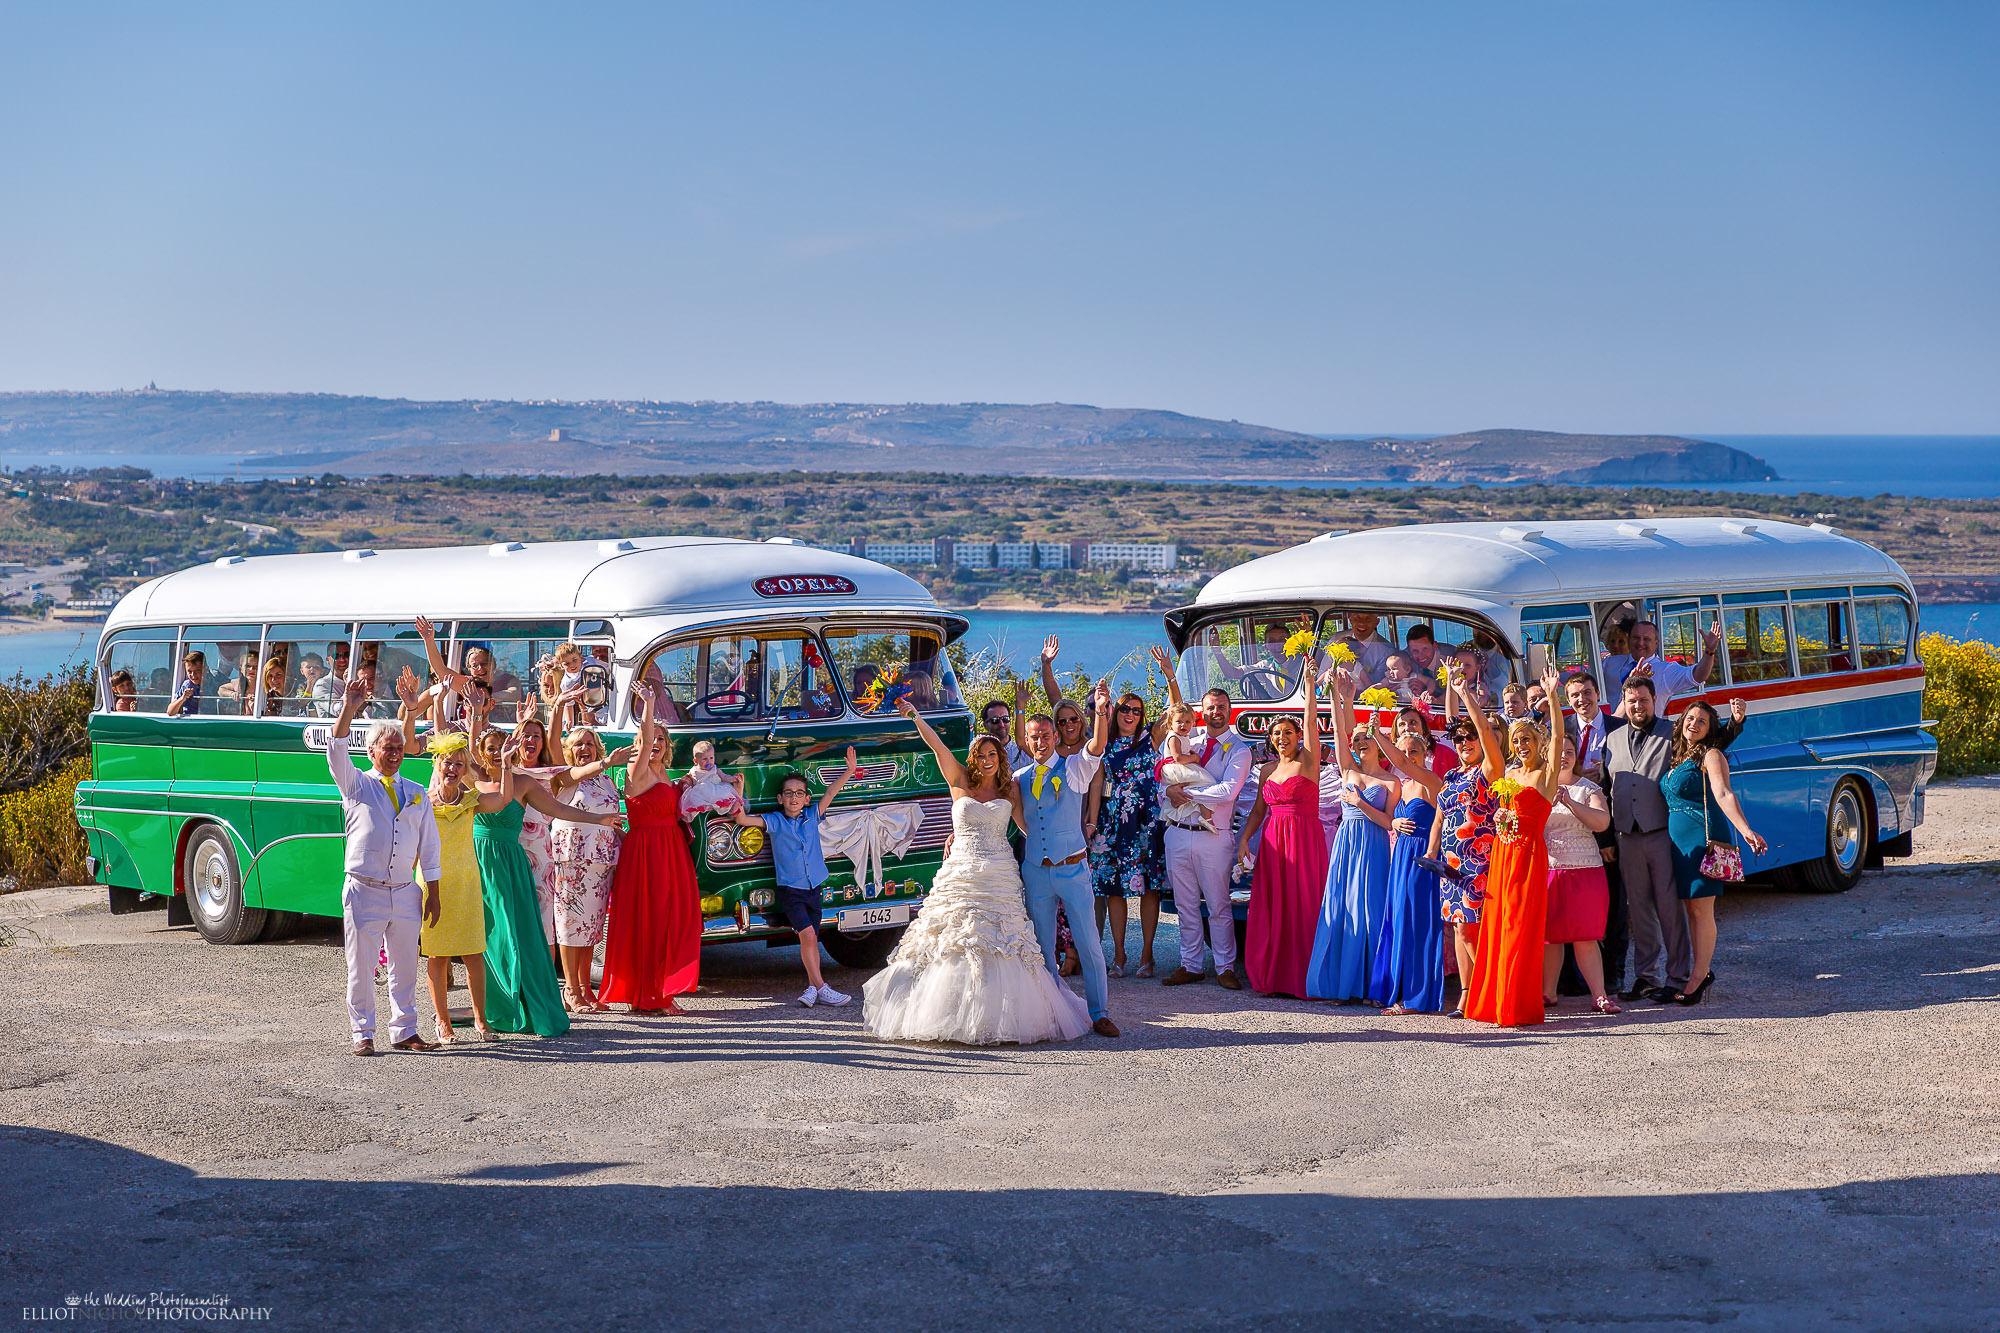 vintage-Maltese-Malta-wedding-coaches-buses-bus-photography